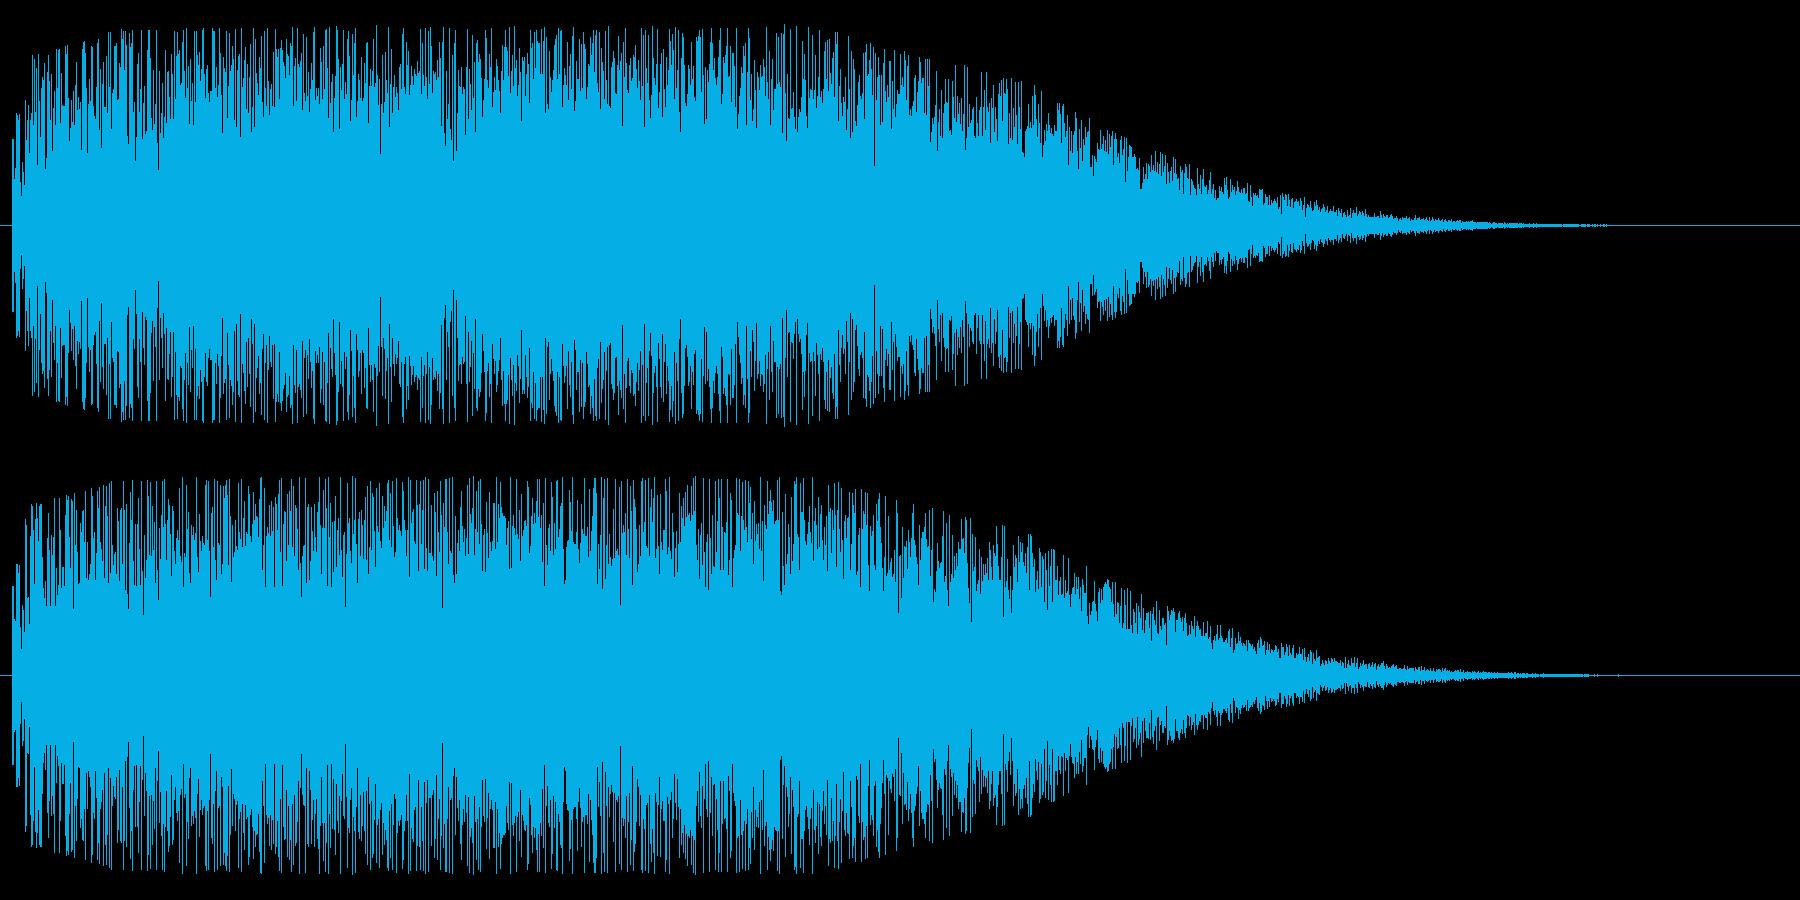 銅鑼(ドラ)を使ったインパクト音の再生済みの波形